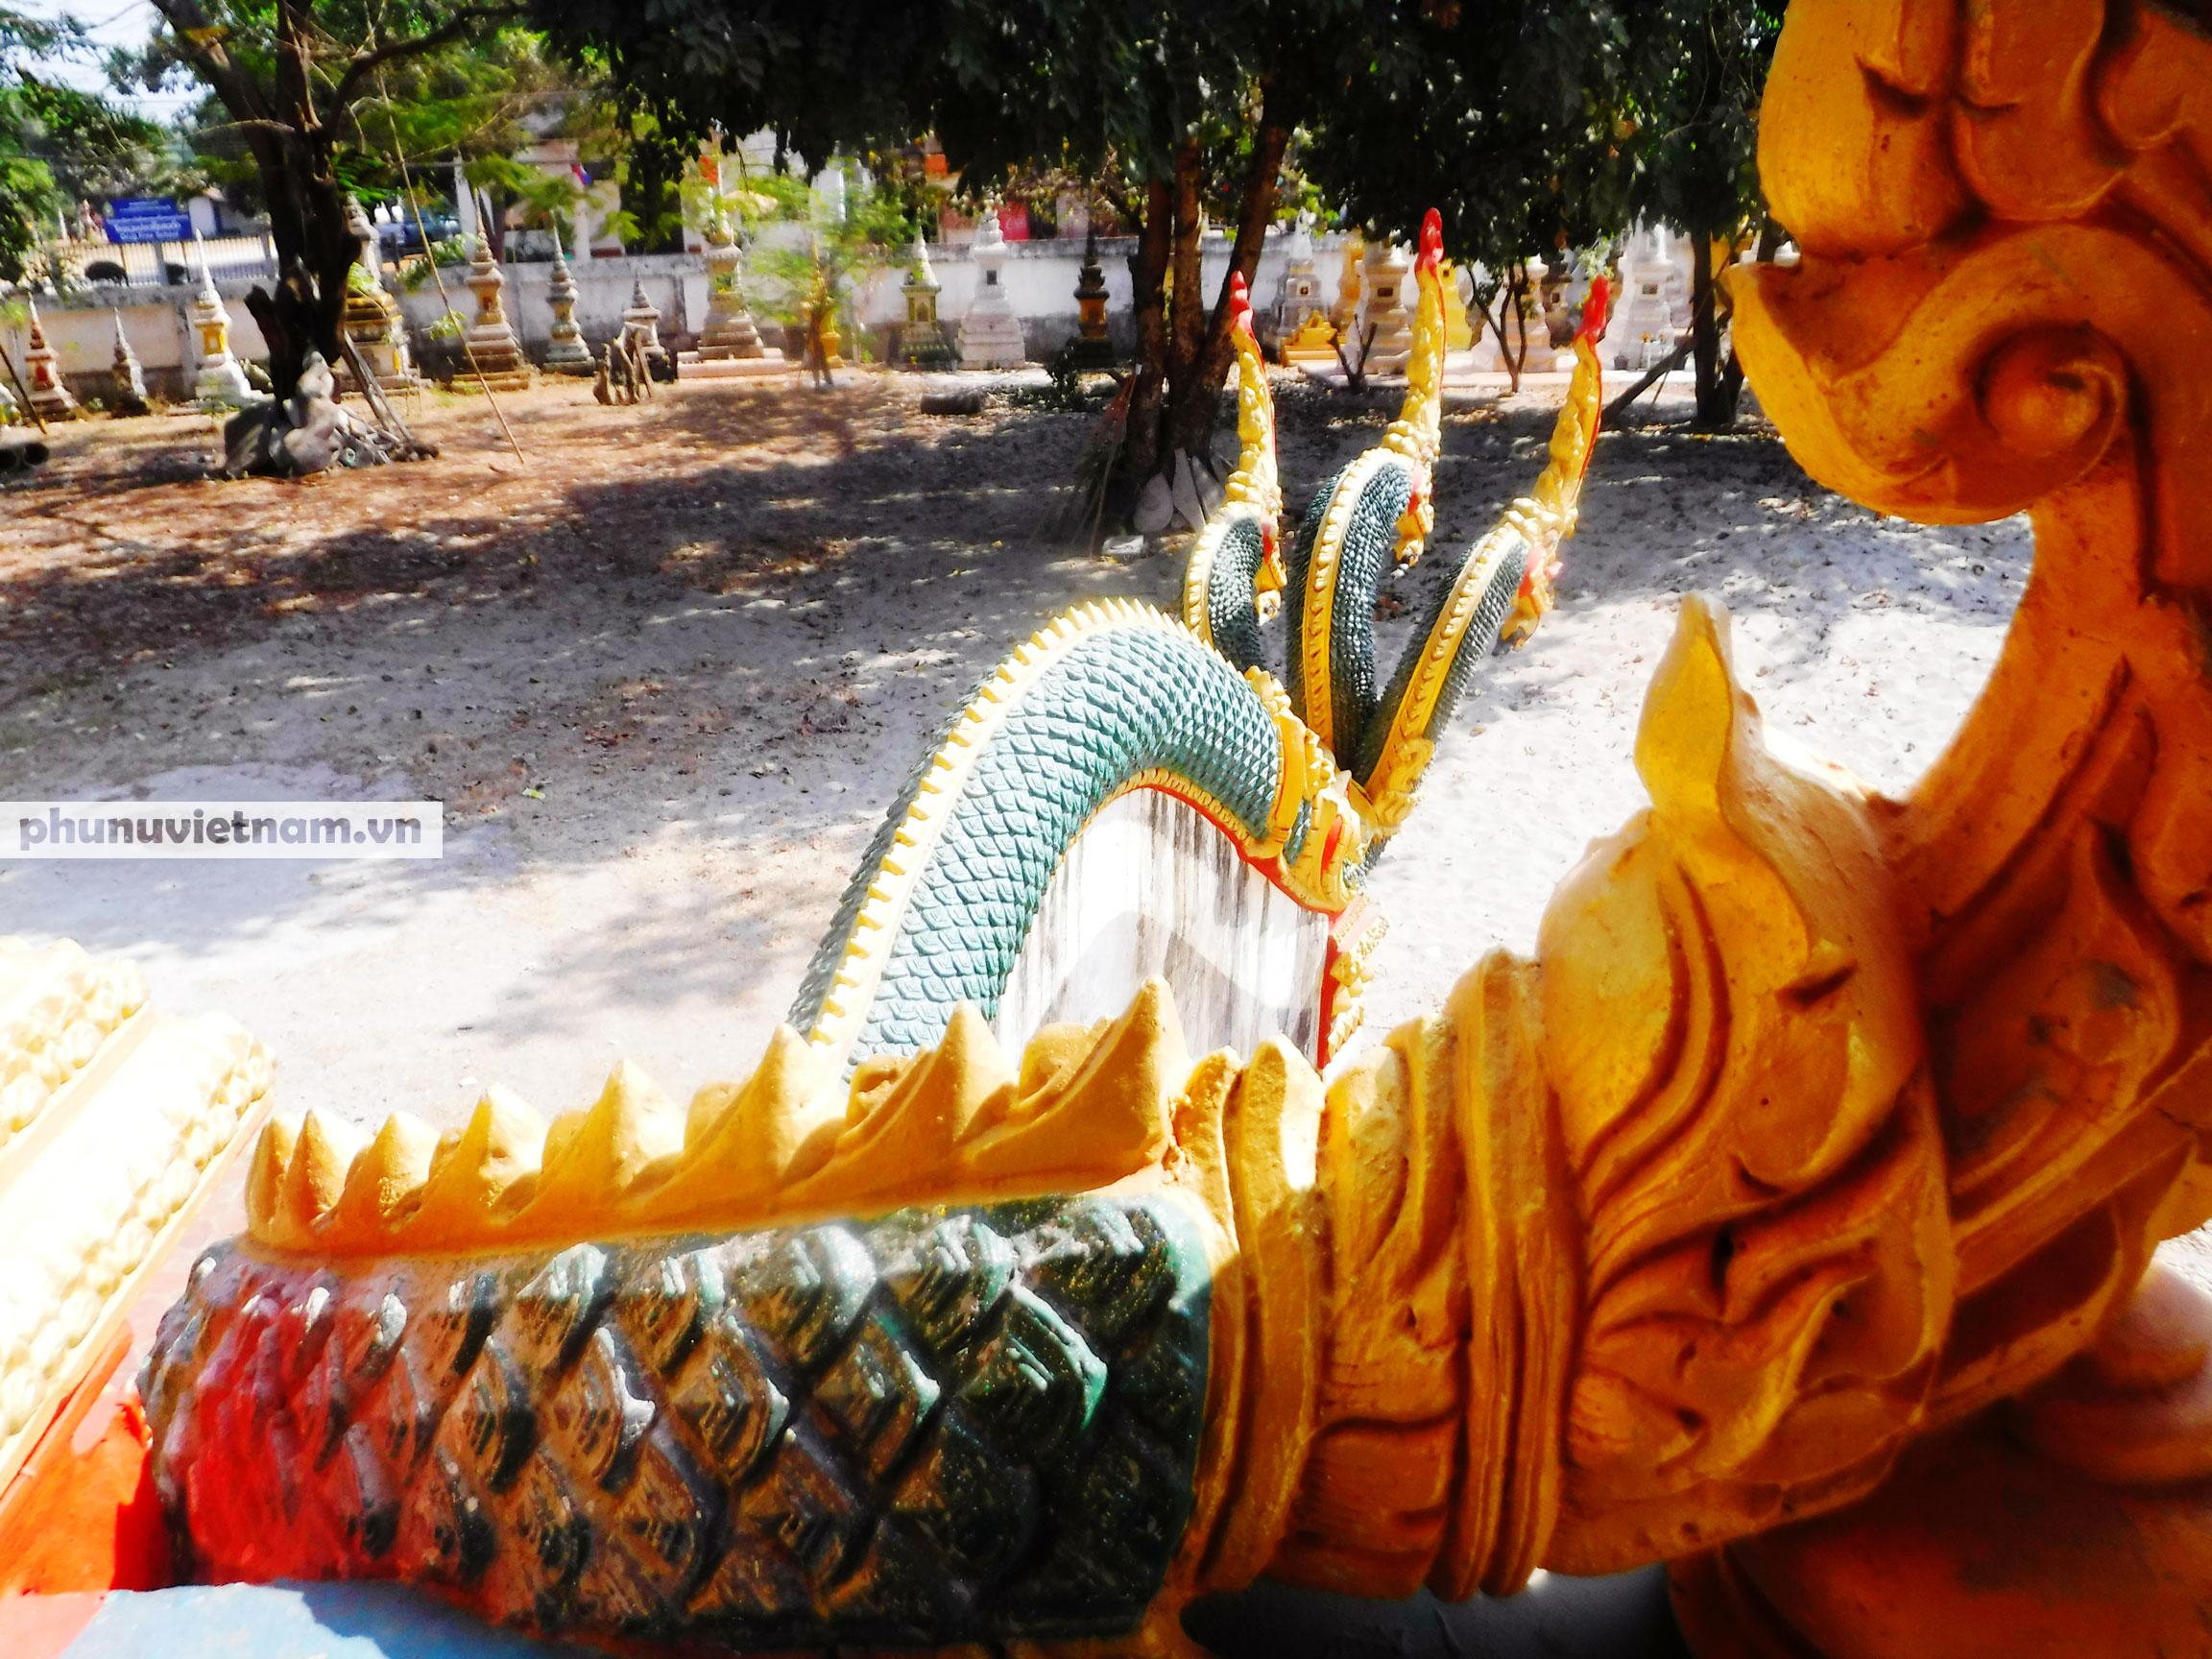 Độc đáo những bức tượng rắn trong chùa ở Viêng Chăn - Ảnh 6.